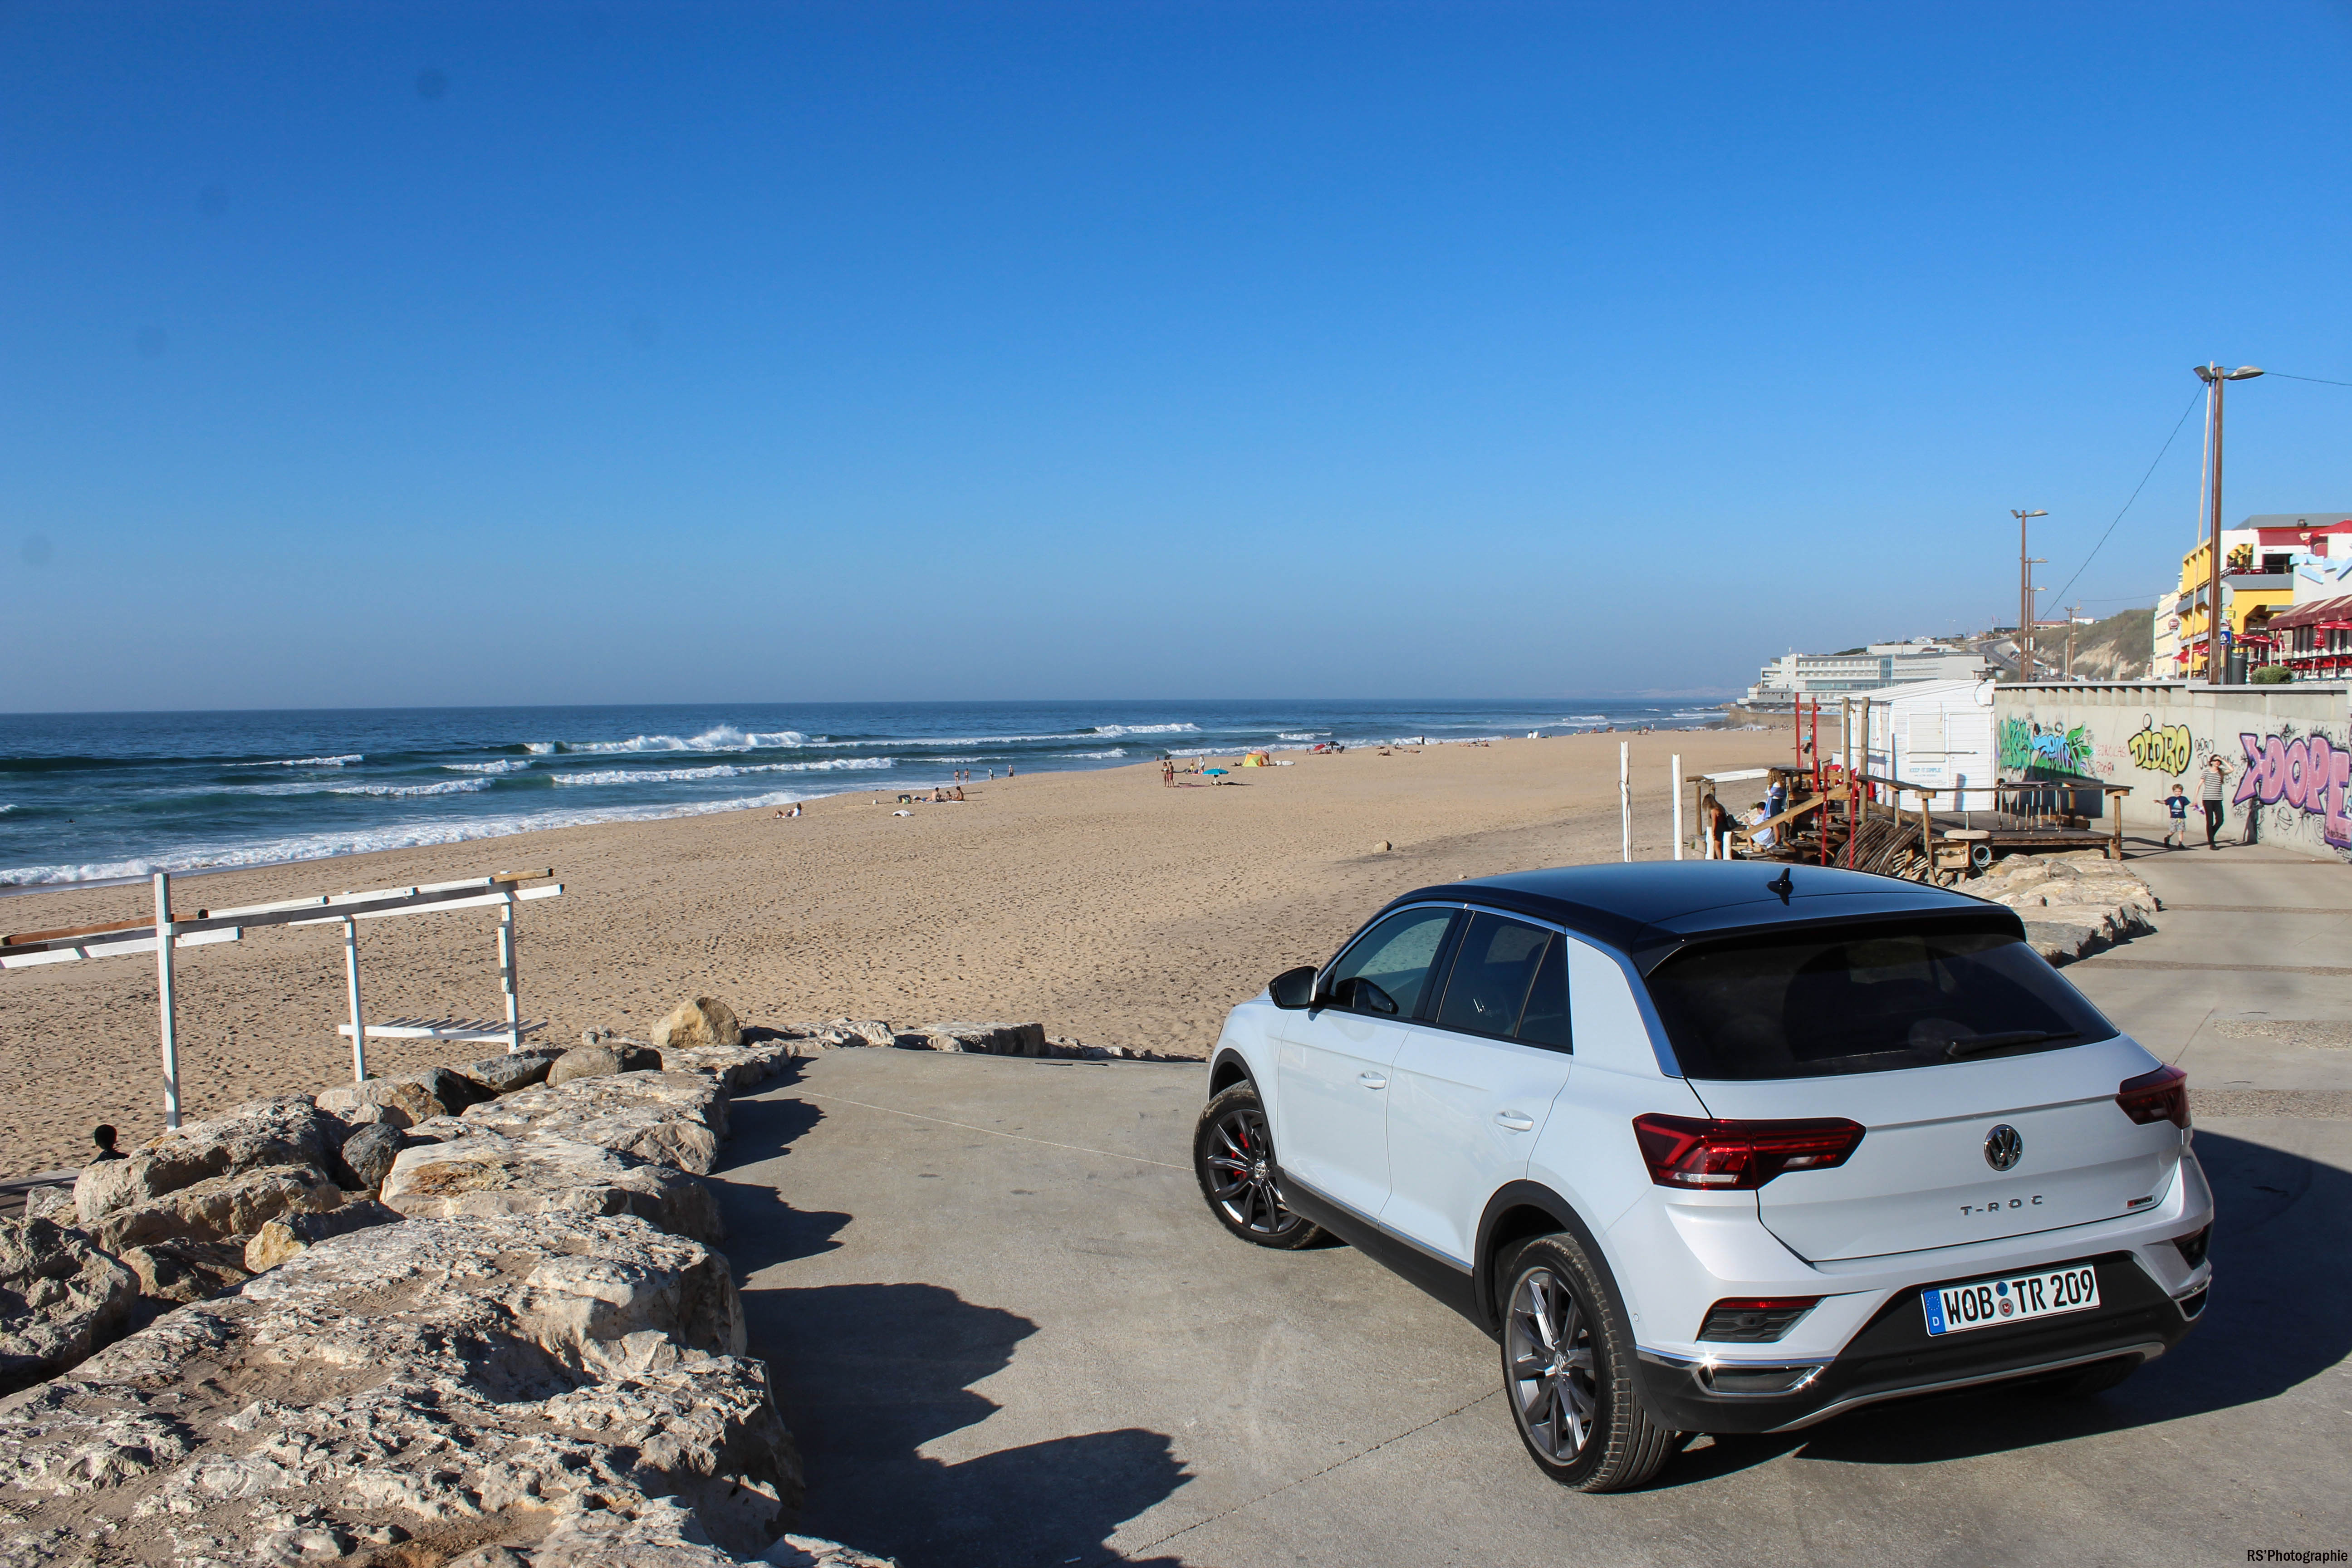 Volkswagentroc17-vw-t-roc-arriere-rear-Arnaud Demasier-RSPhotographie